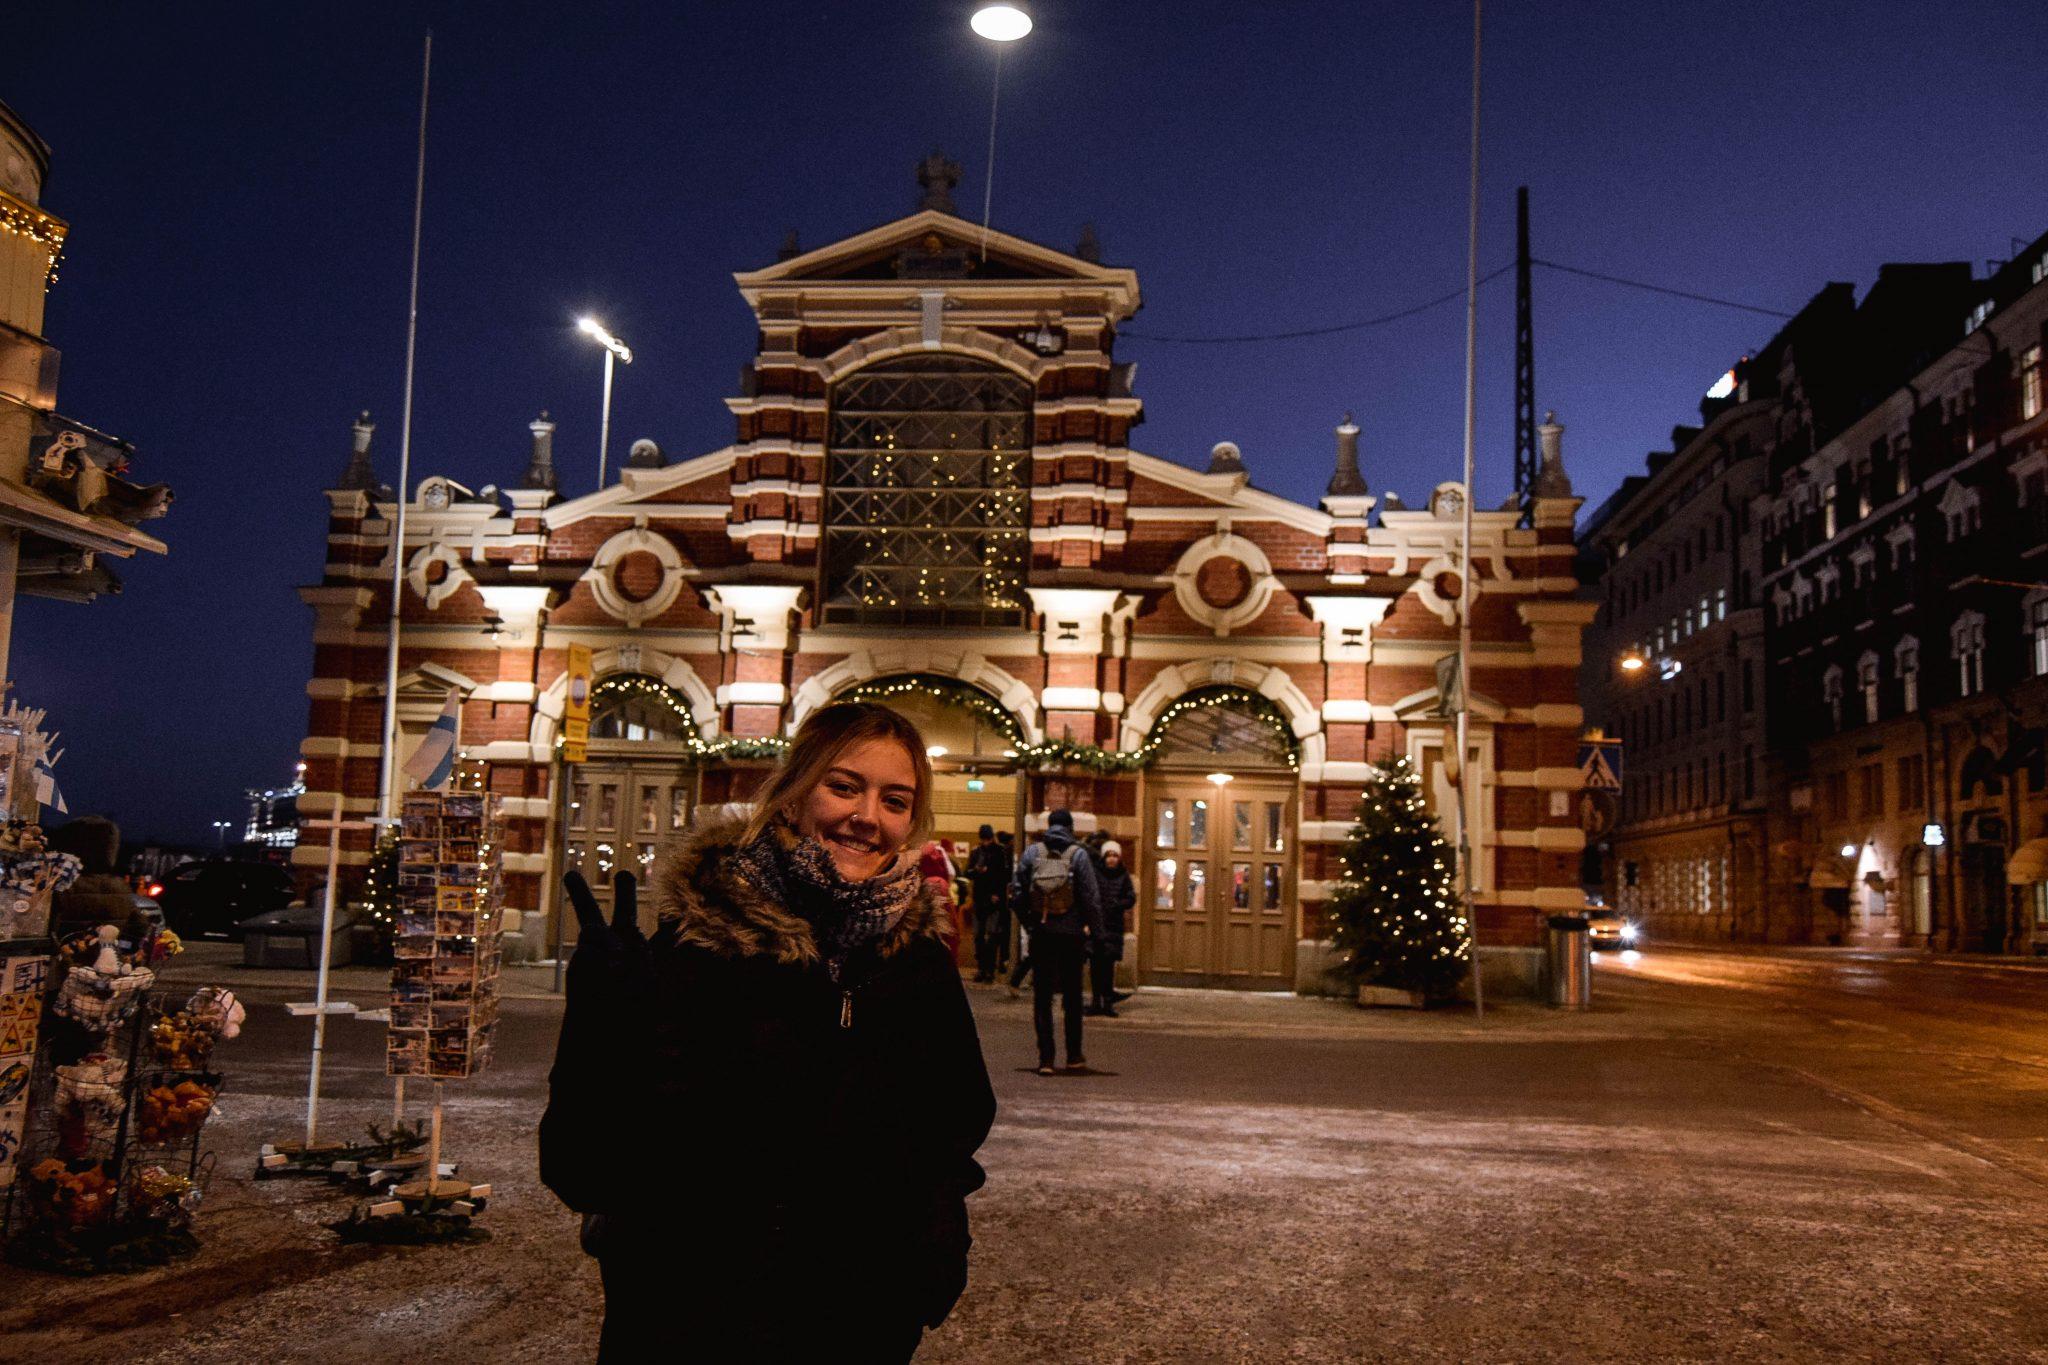 Things To Do In Helsinki In Winter - Old Market Hall Helsinki Market